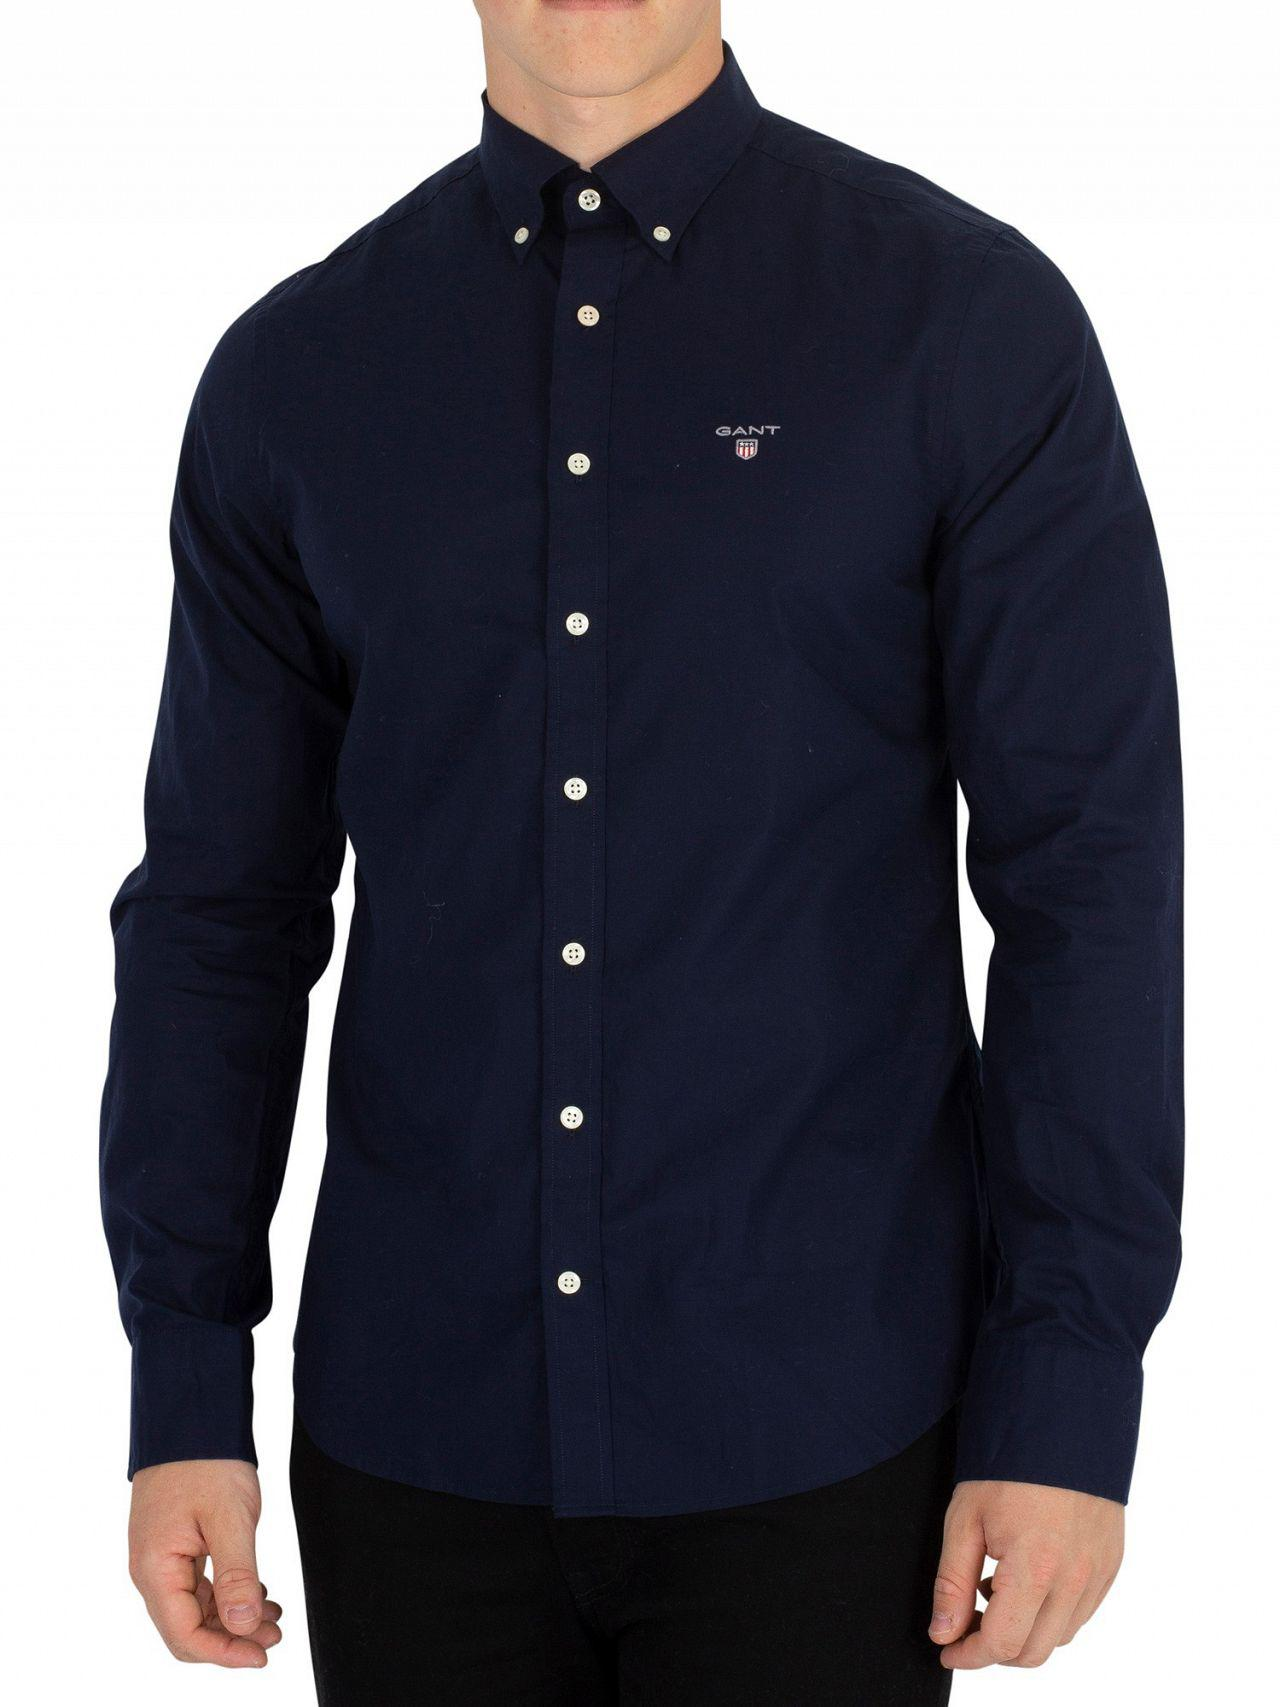 Lyst Män Skjorta Gant The Marine För Blue Slim Broadcloth qBx86w0 ca9a45a1cbfc3